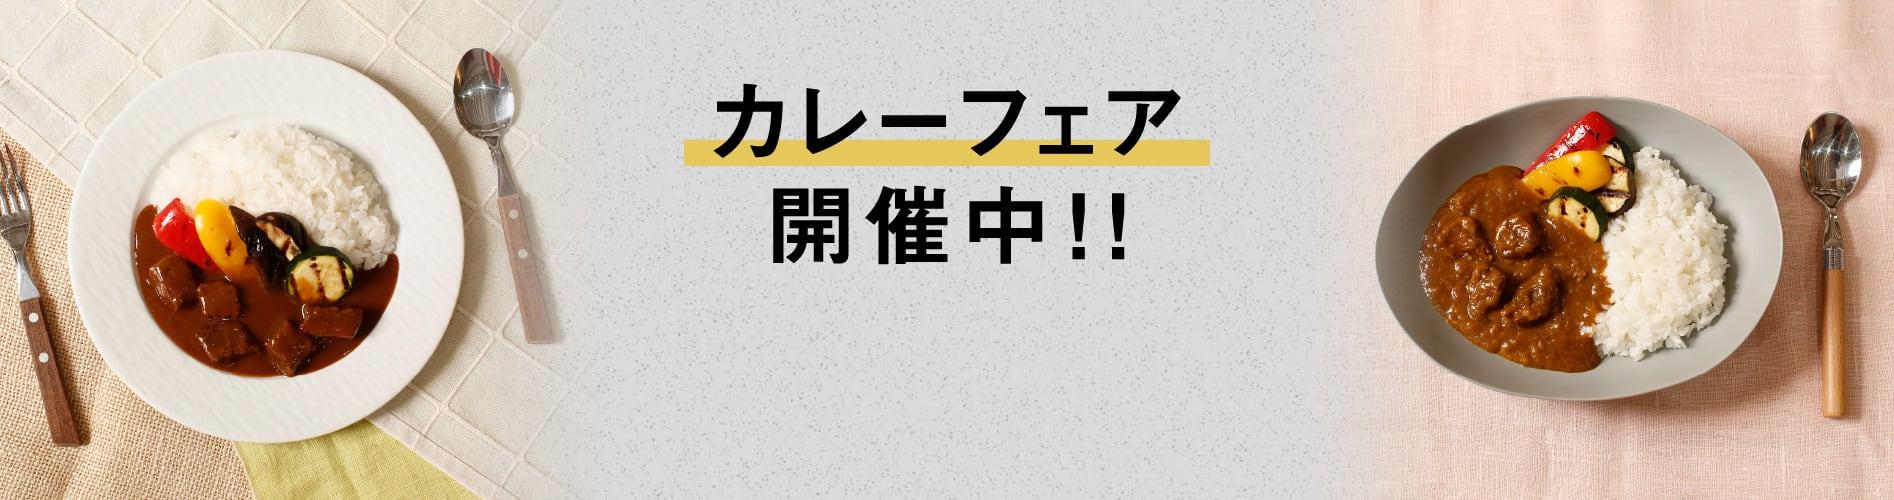 カレーフェア開催中!!